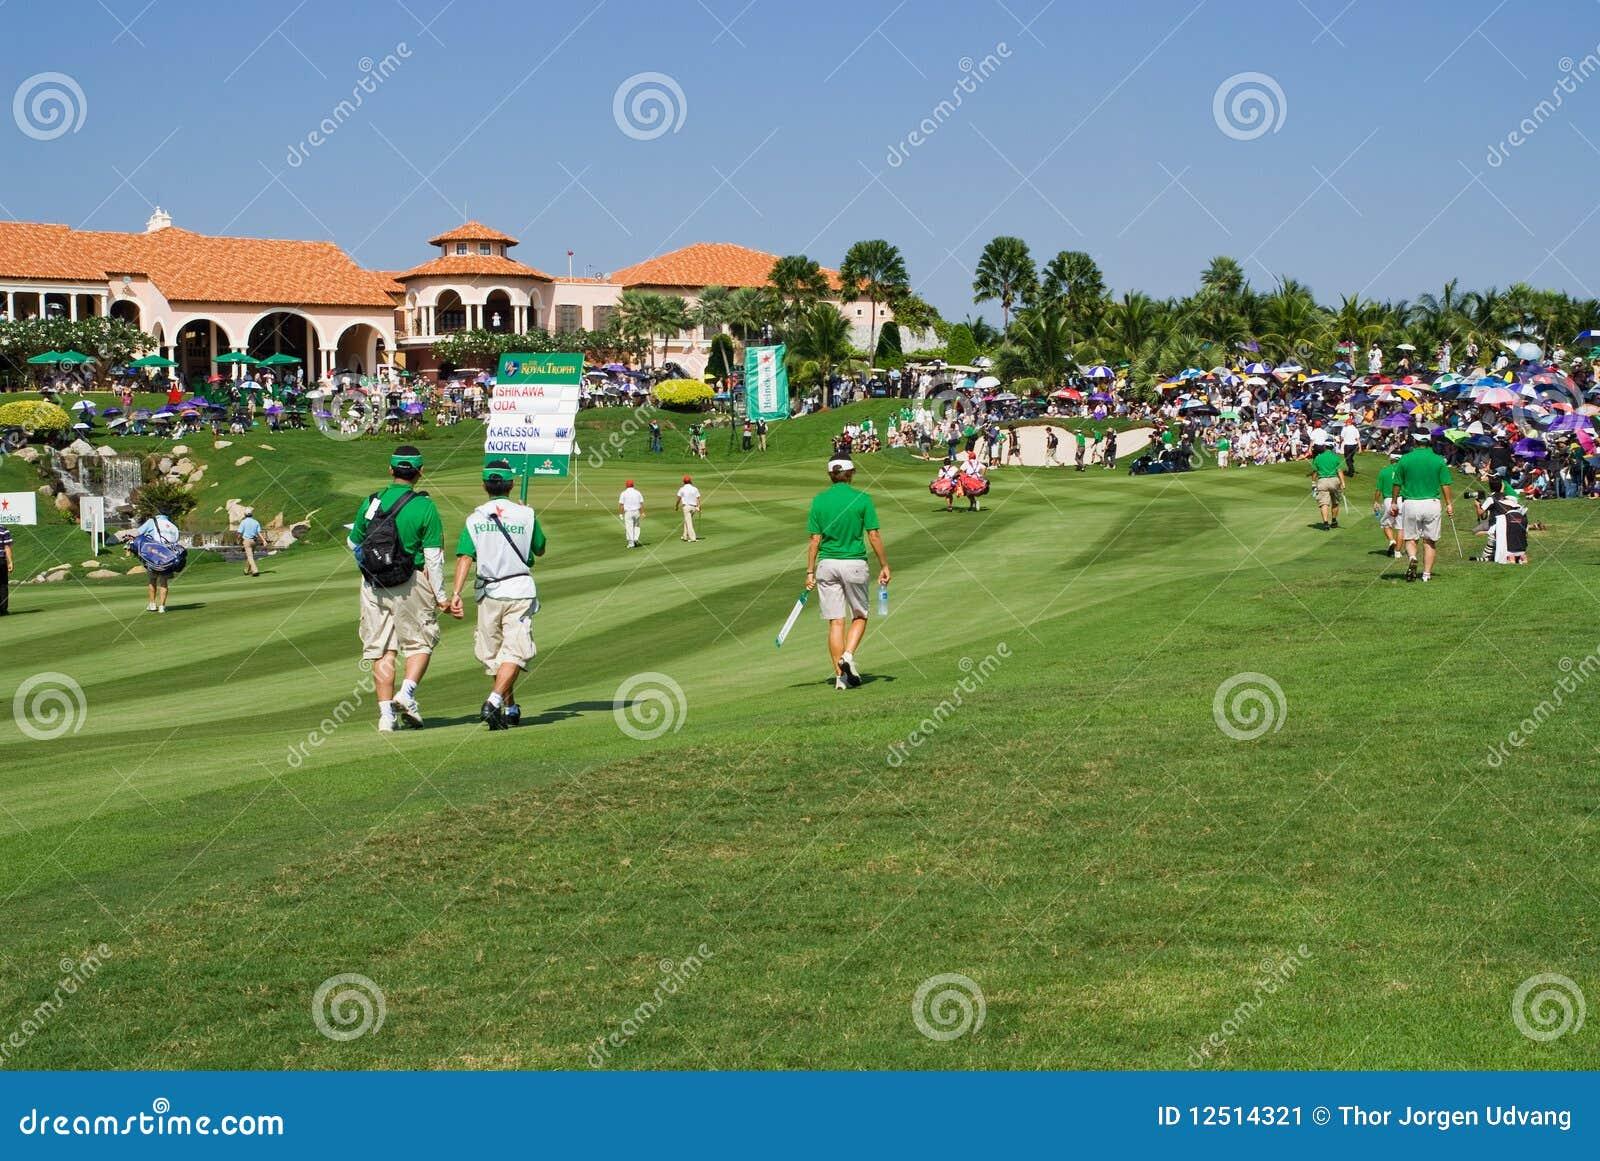 golf europe vs